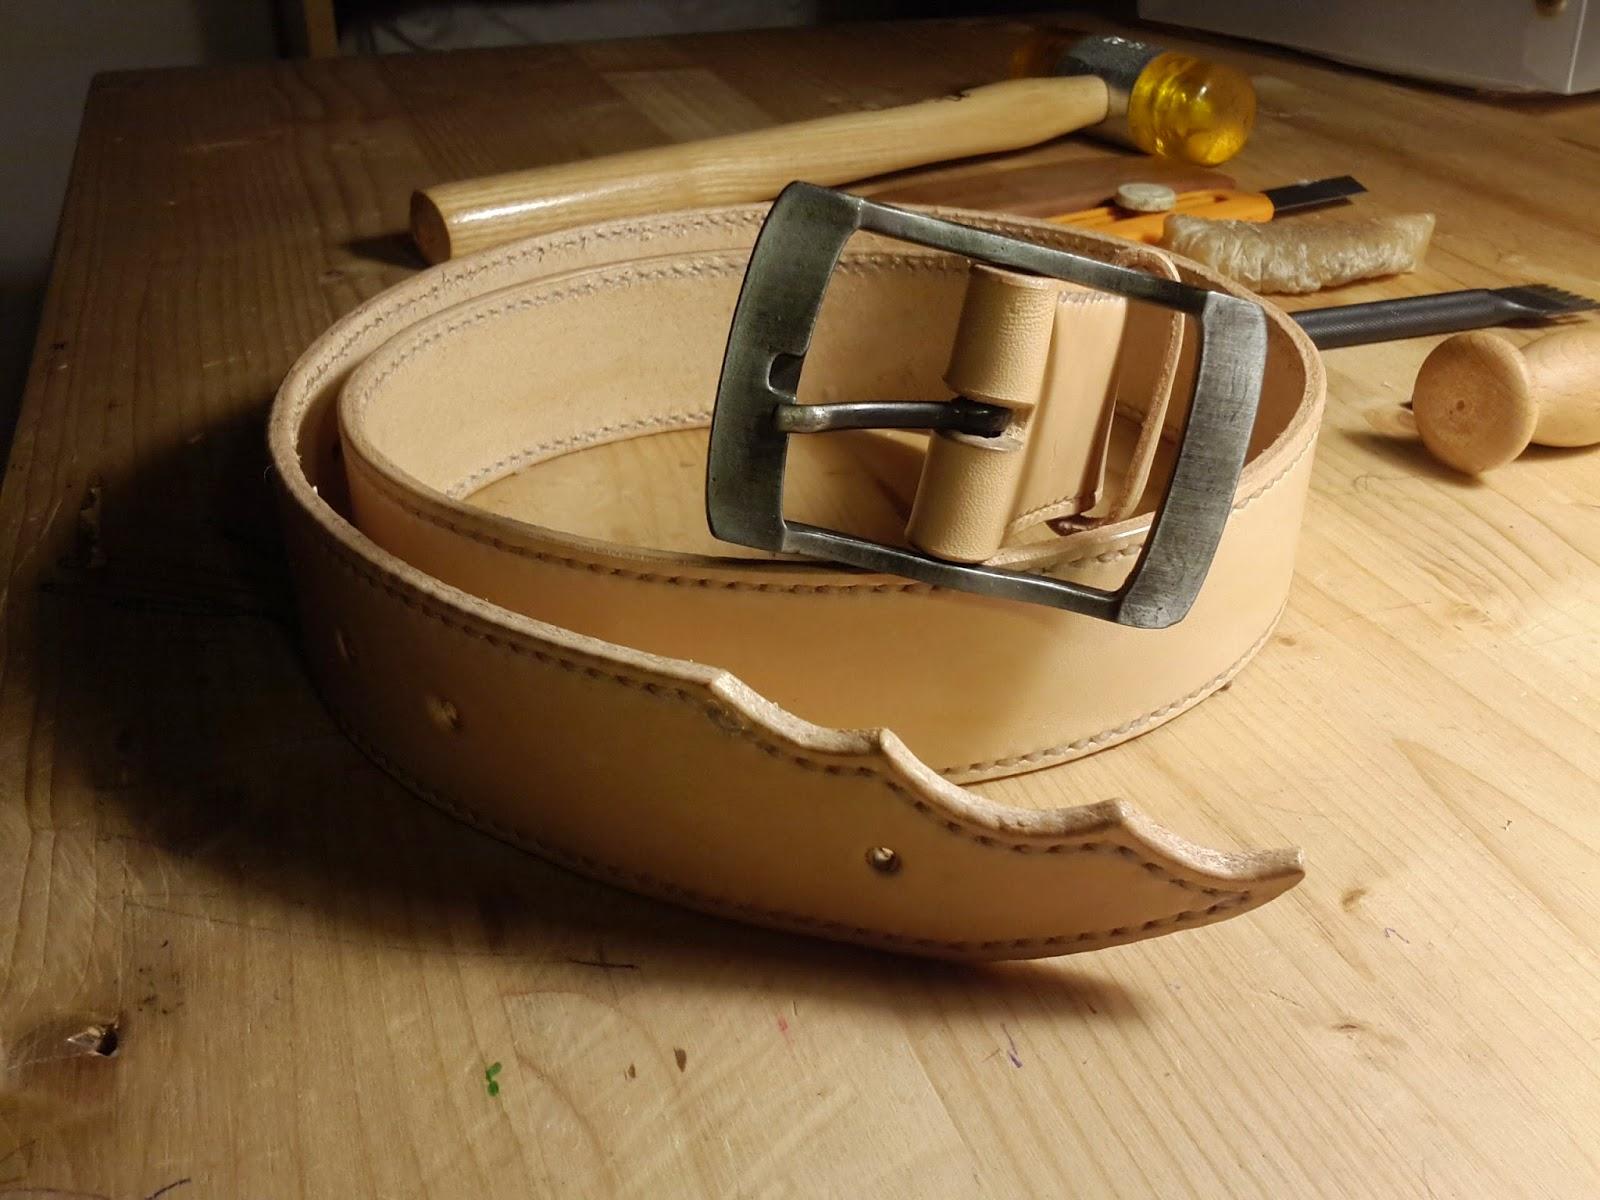 http://ritsandrits.blogspot.gr/p/making-custom-leather-belt_20.html